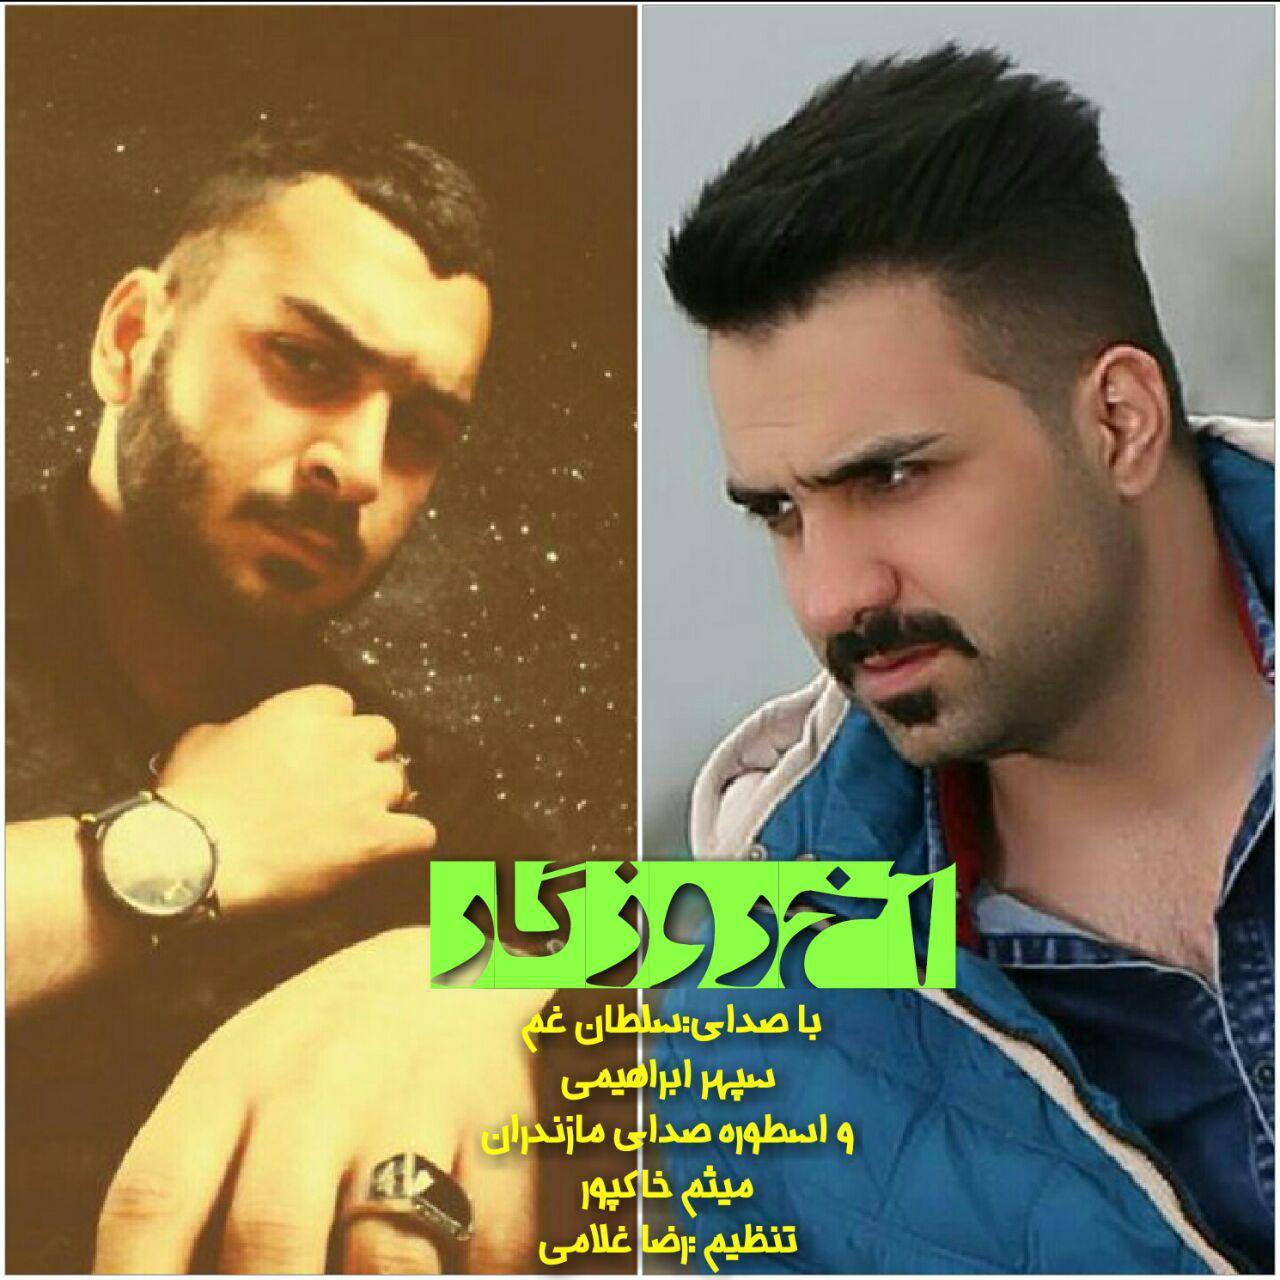 دانلود آهنگ جدید سپهر ابراهیمی و میثم خاکپور به نام آخ روزگار